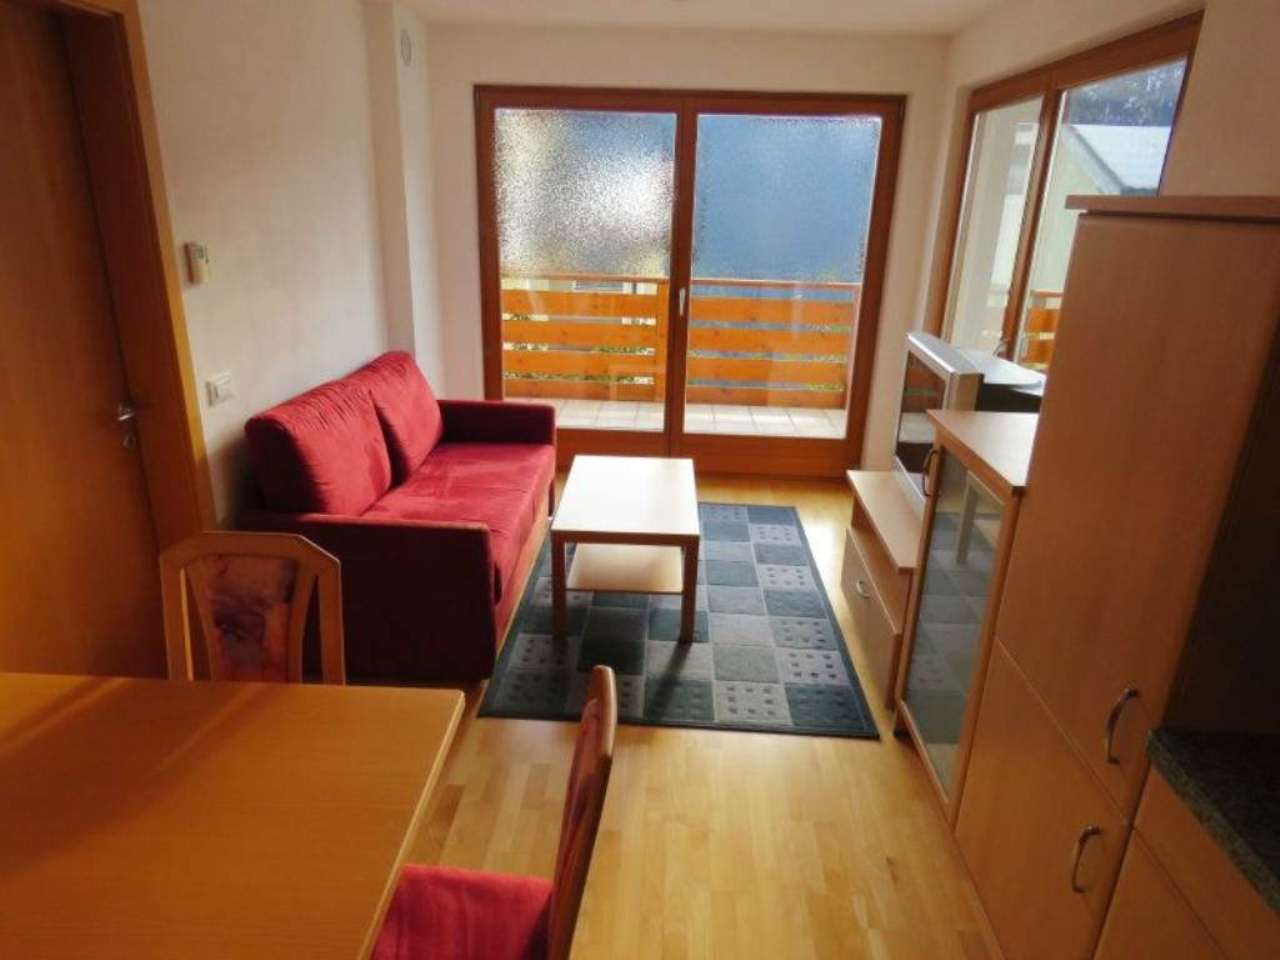 Appartamento in vendita a Chiusa, 2 locali, Trattative riservate | Cambio Casa.it